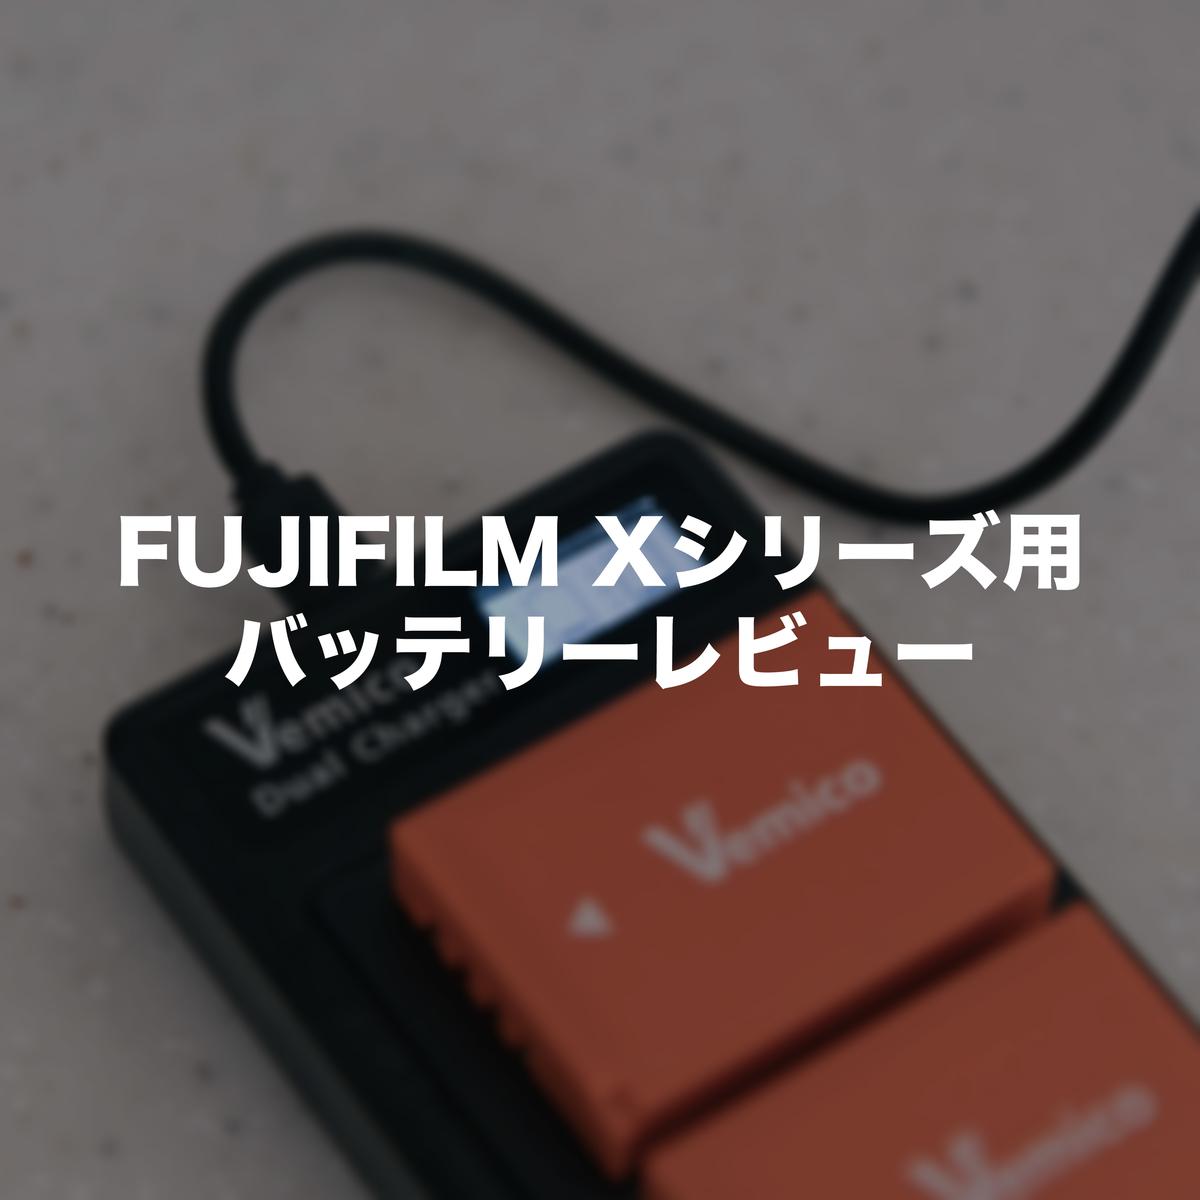 f:id:tidus_tabilog:20210411143542j:plain